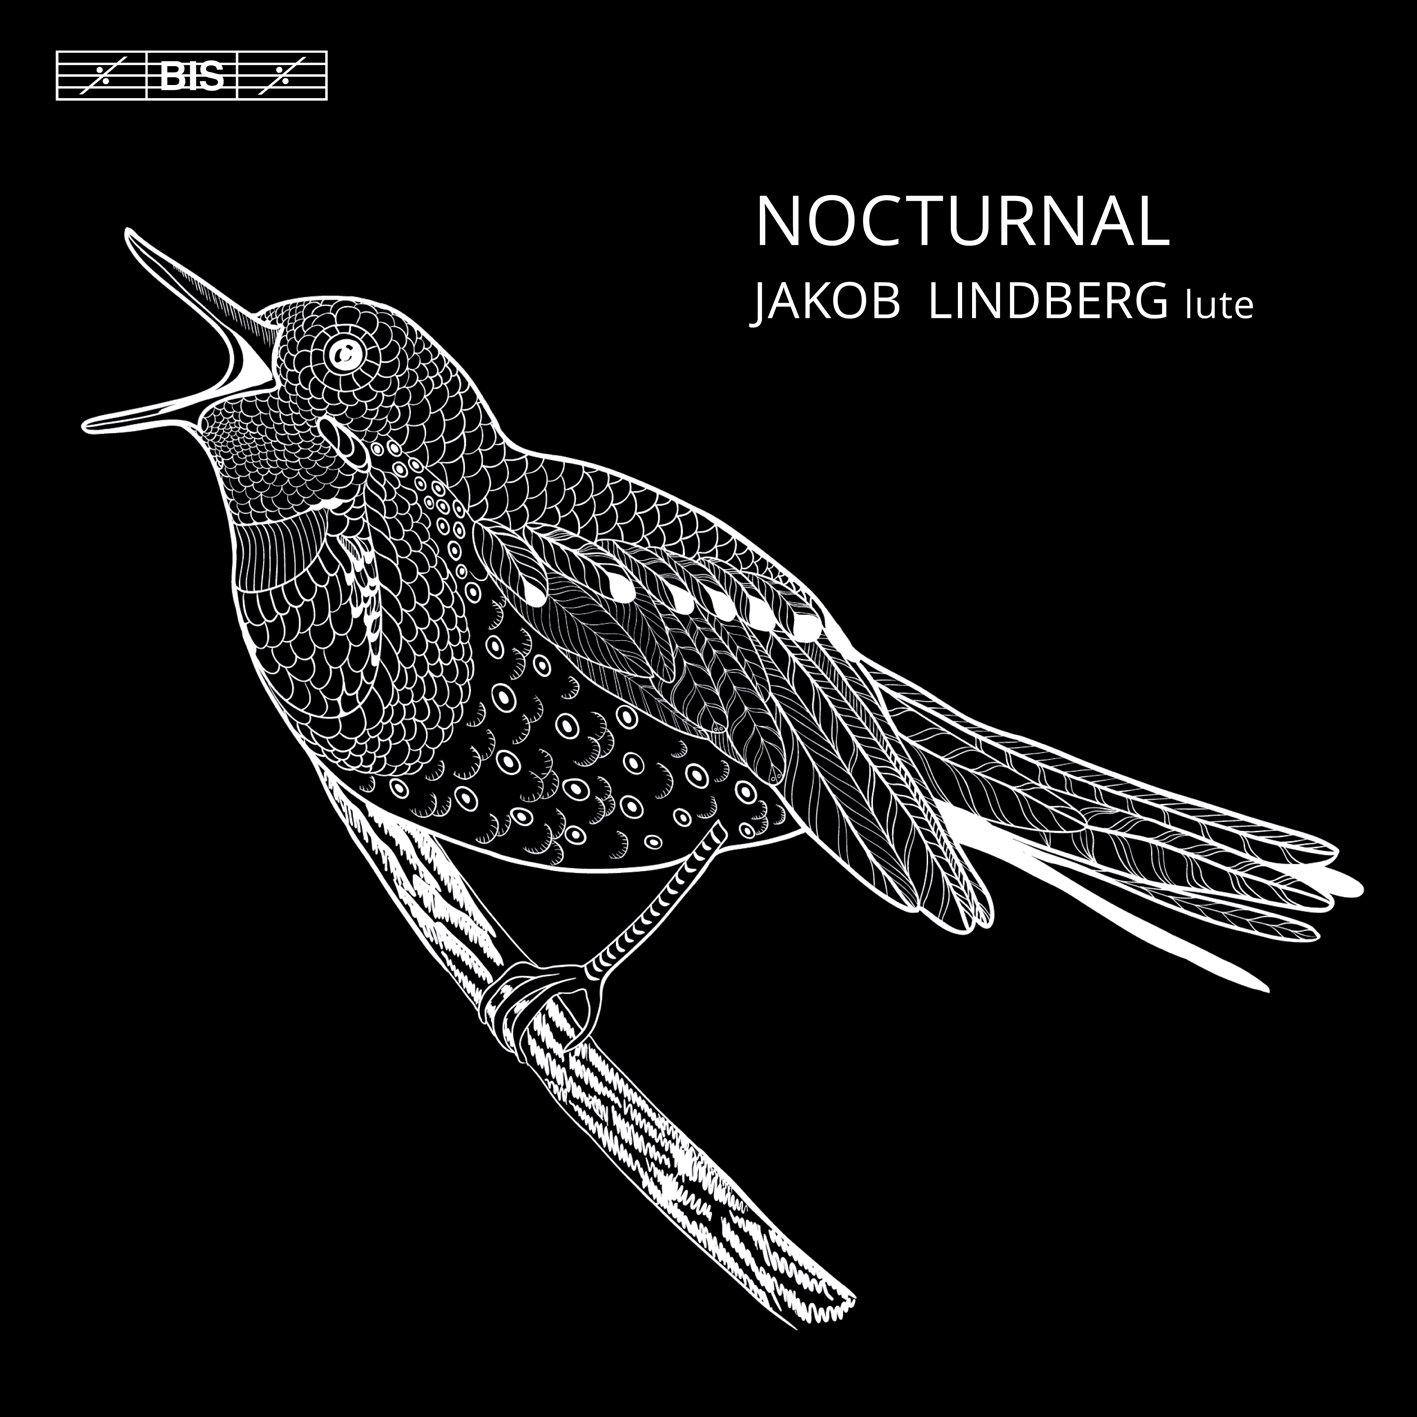 SACD : Jakob Lindberg - Nocturnal (Hybrid SACD)